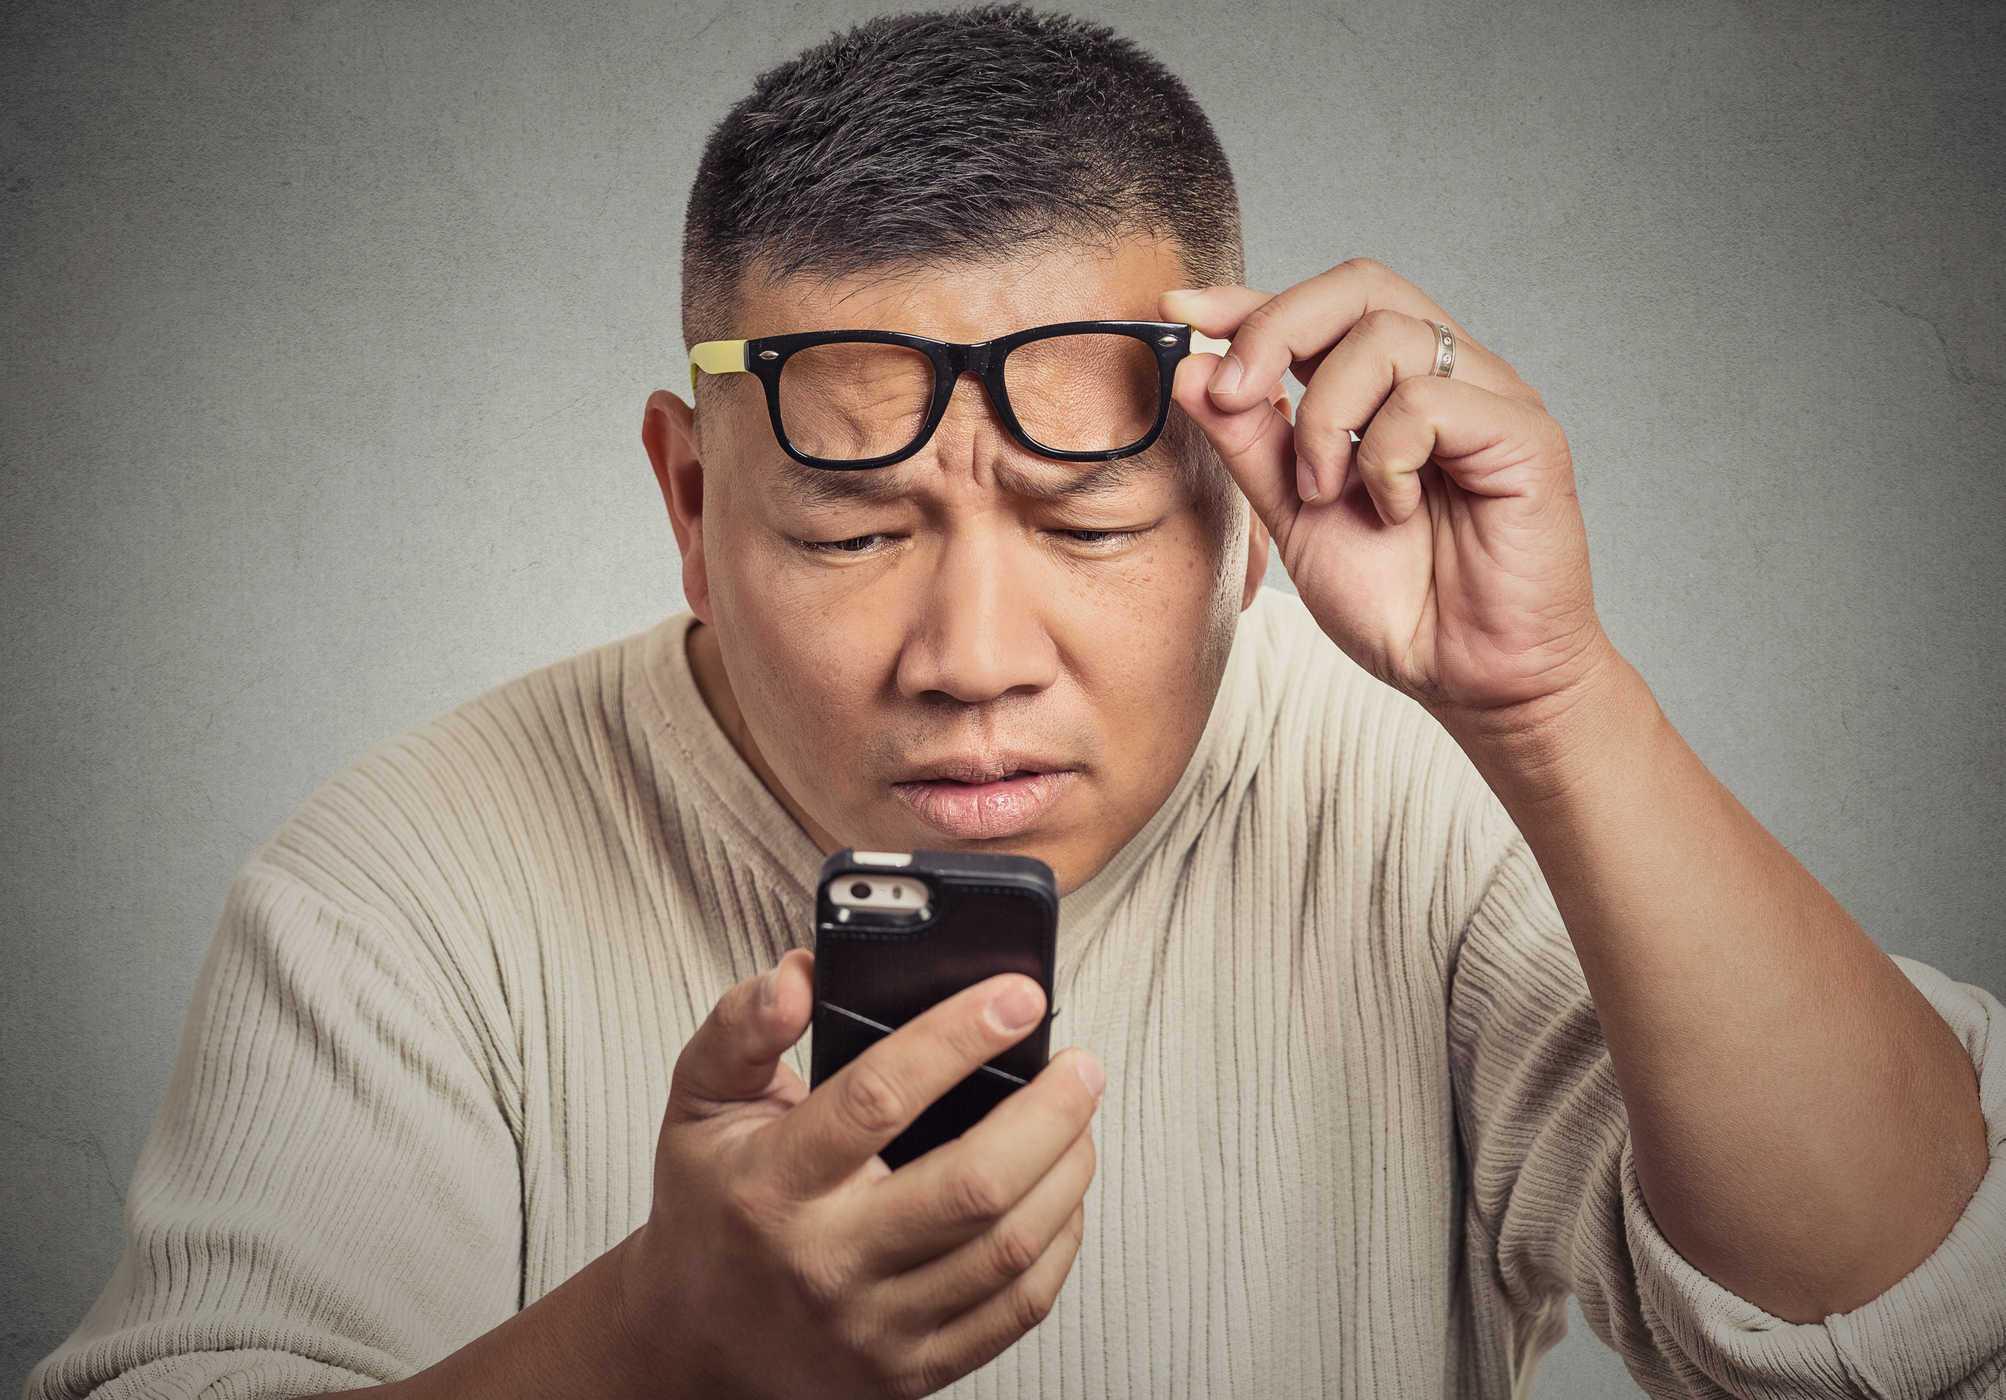 Dấu hiệu sớm của bệnh tiểu đường: Giảm thị lực